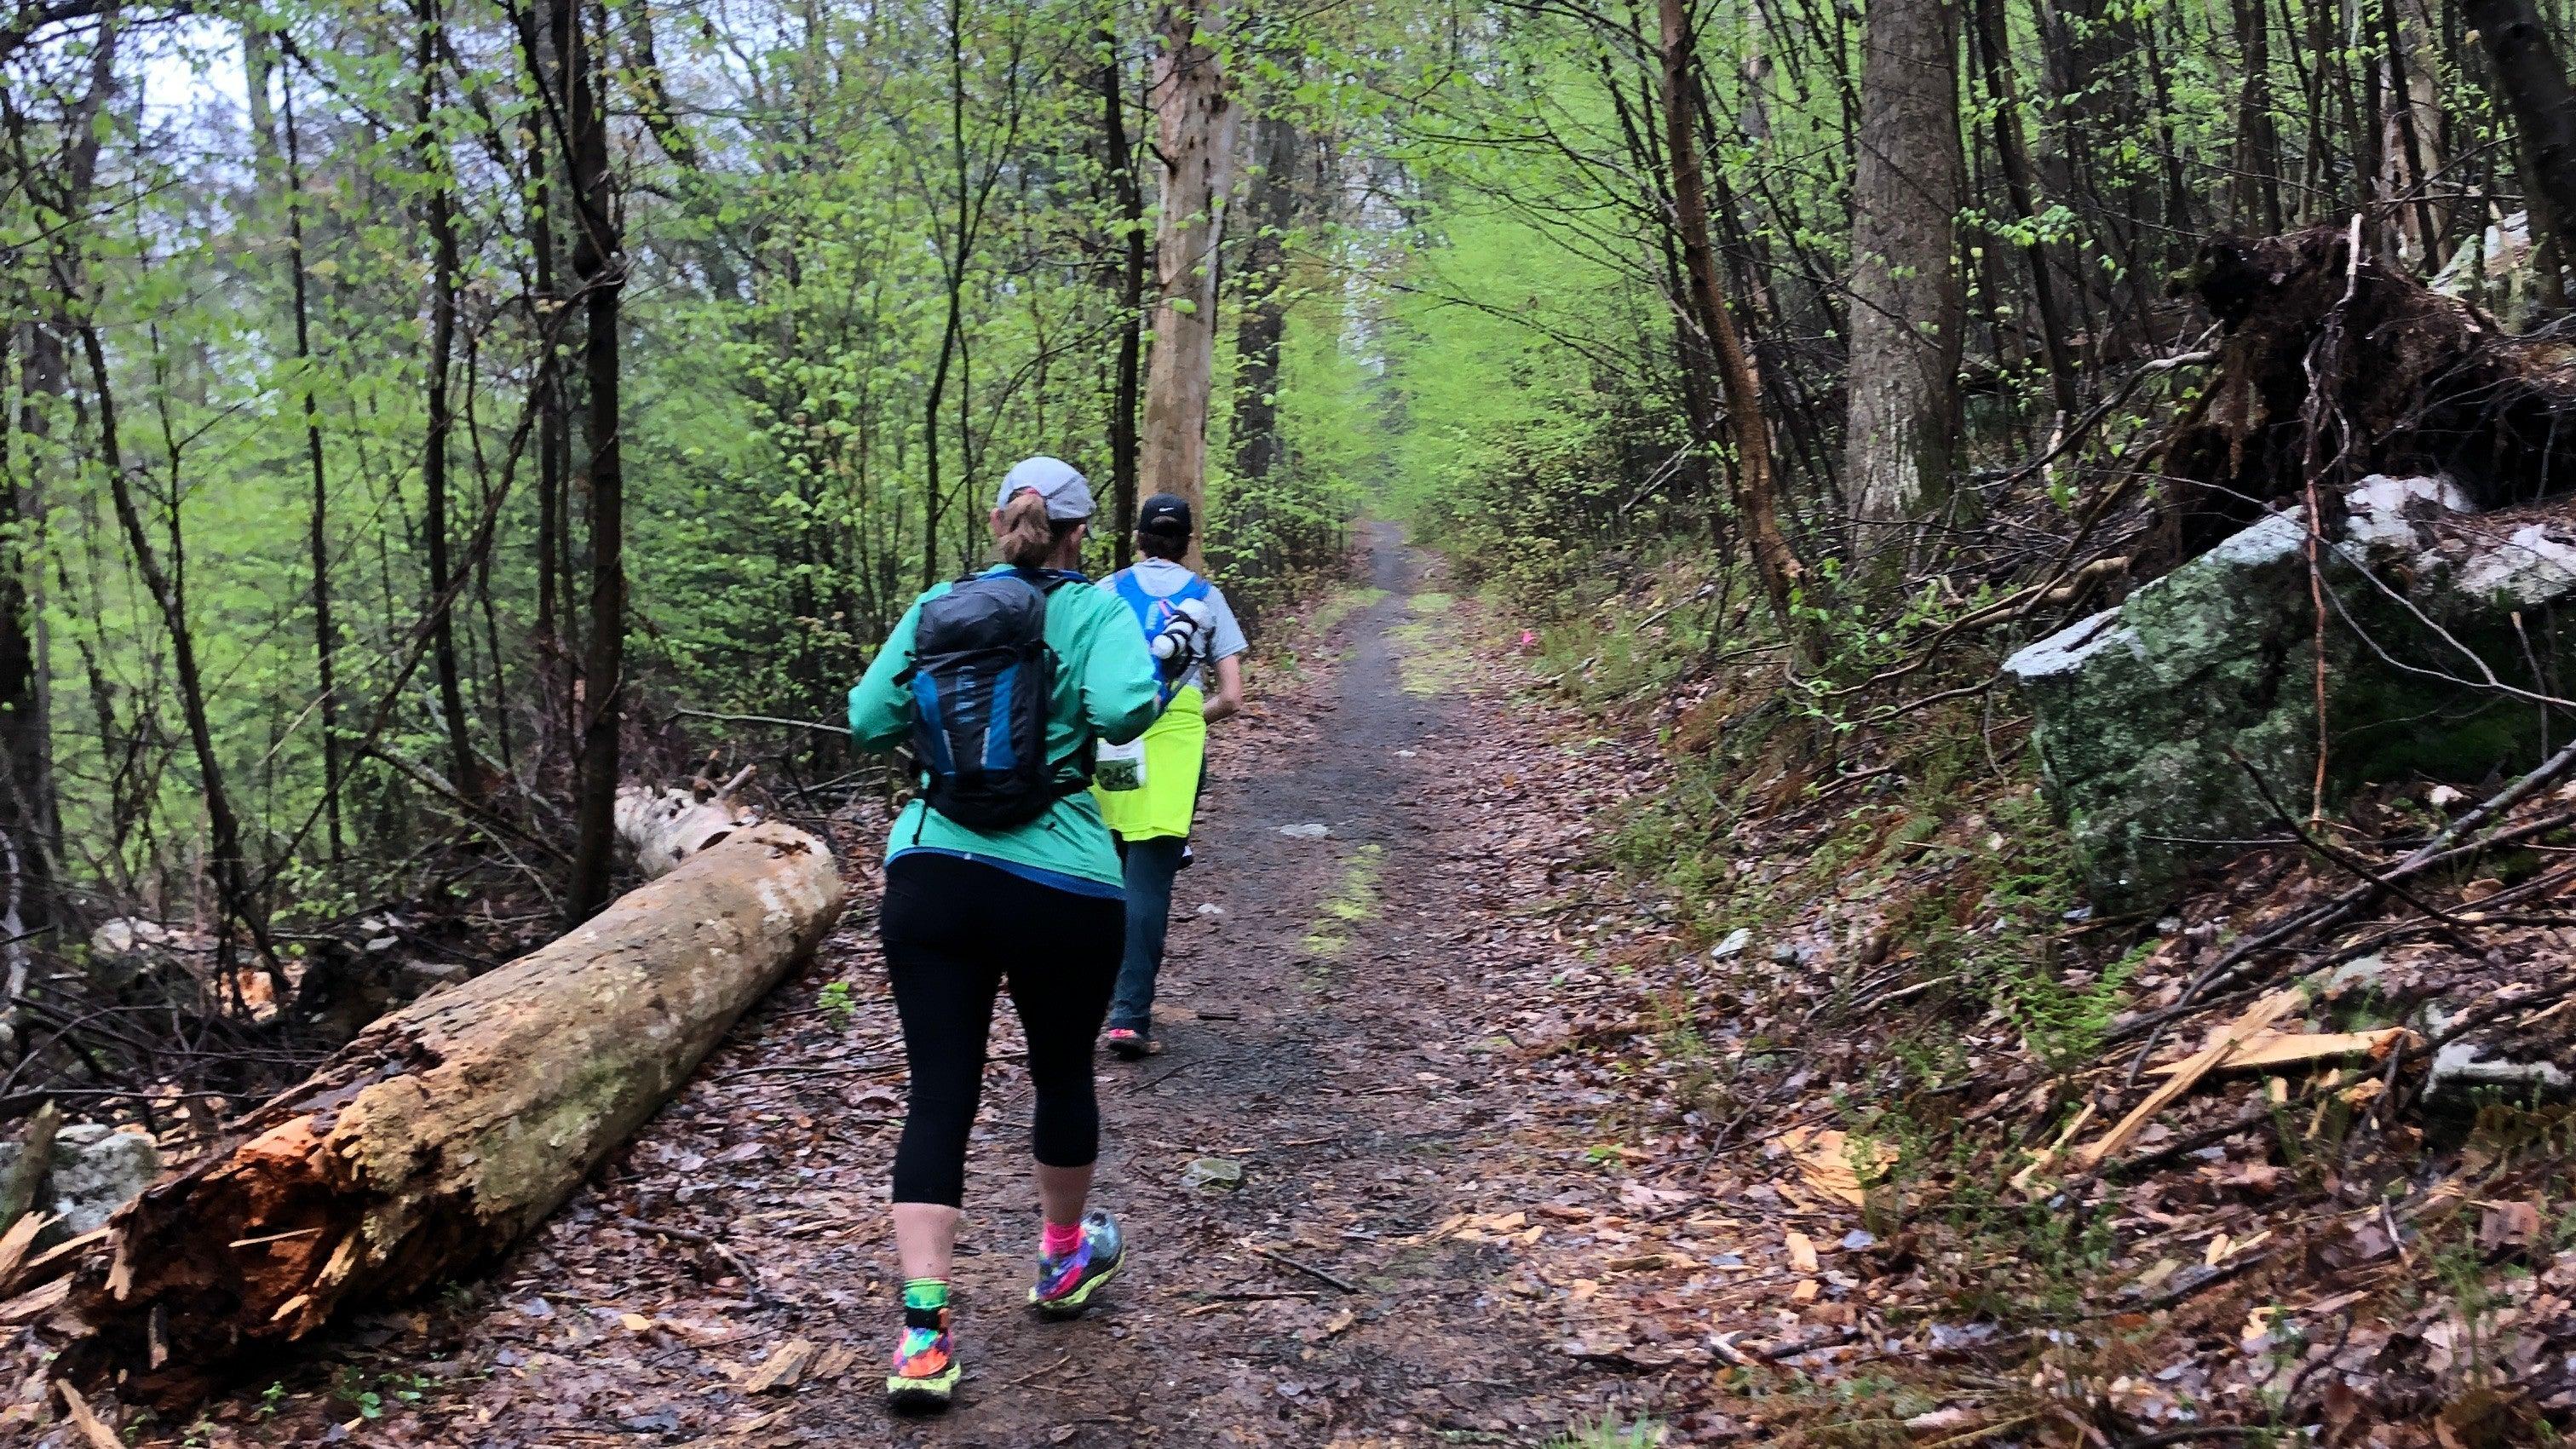 How To Not Fail At An Ultramarathon